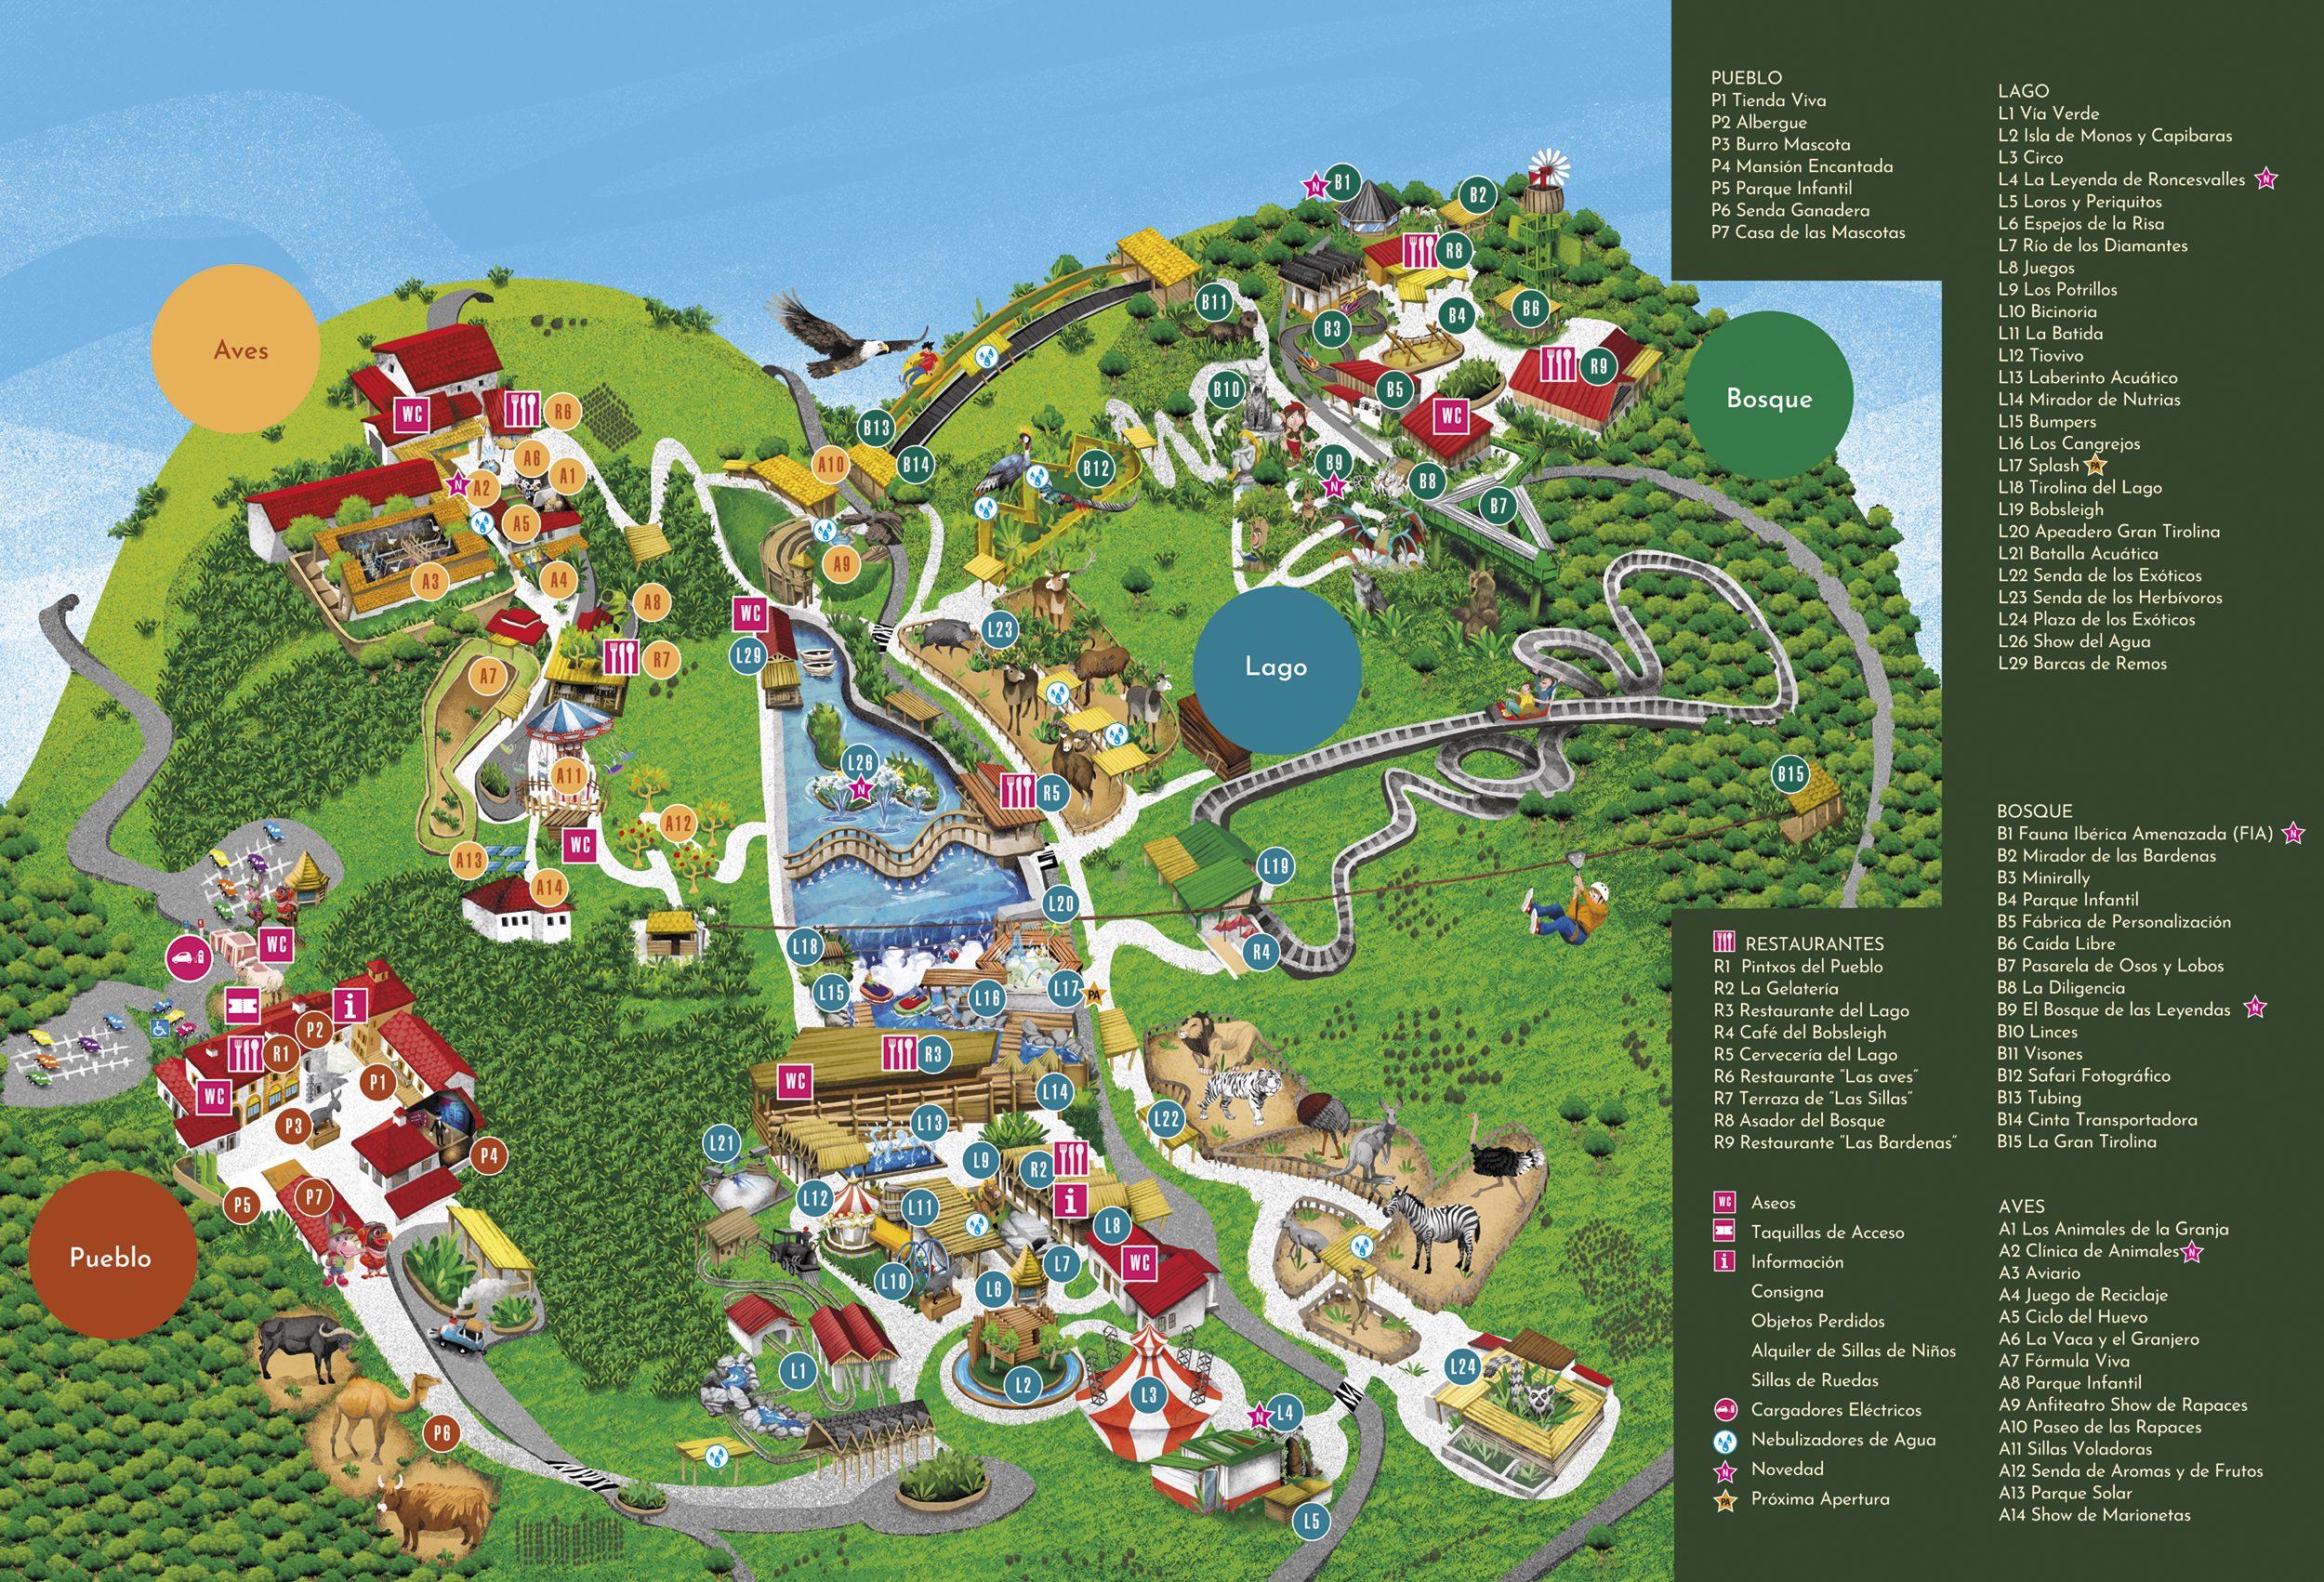 Mapa de Sendaviva con leyenda.